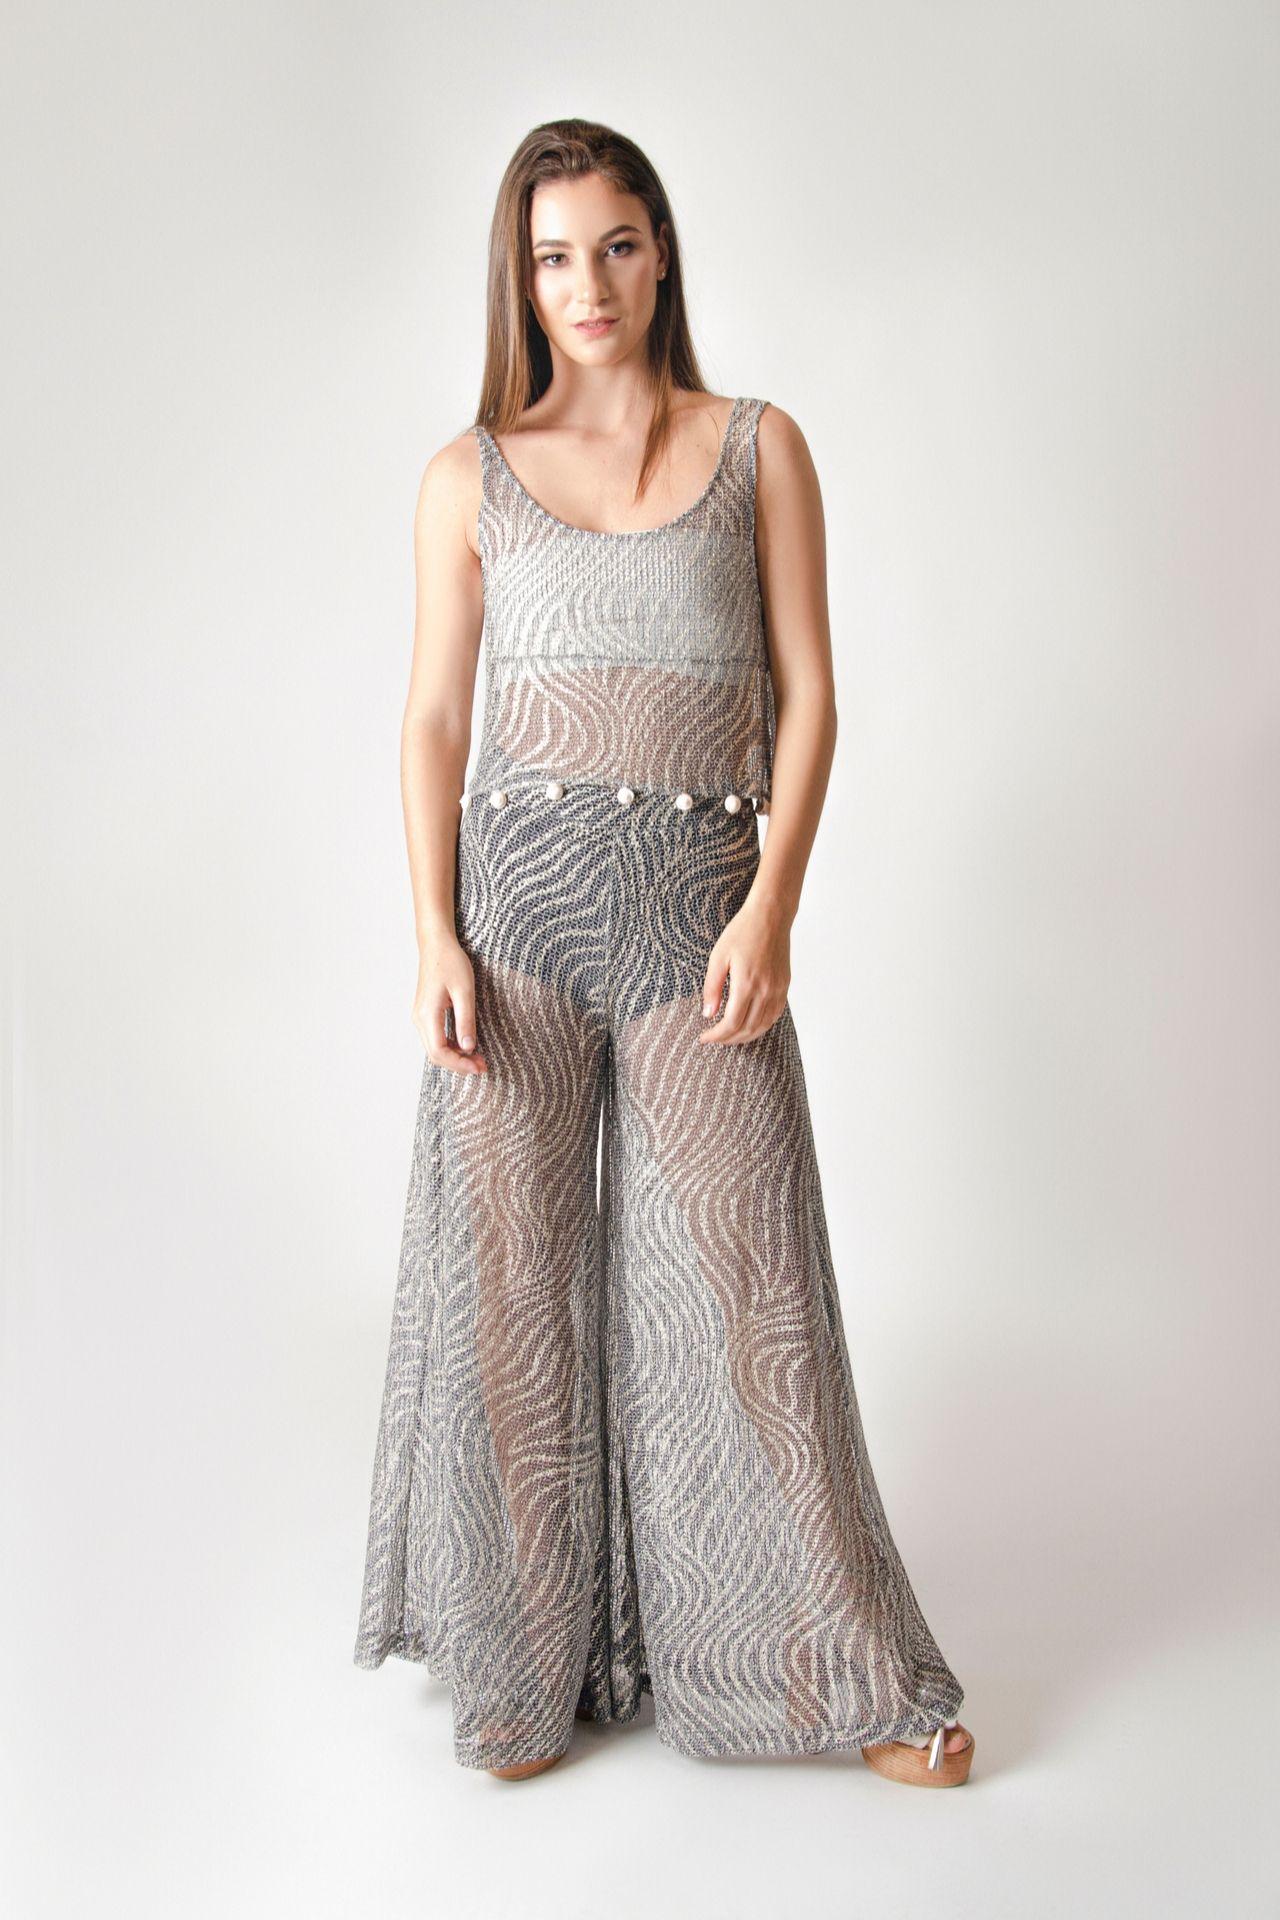 Pantalón en redes texturizadas con aplicaciones metalizadas con cierre en la parte posterior.